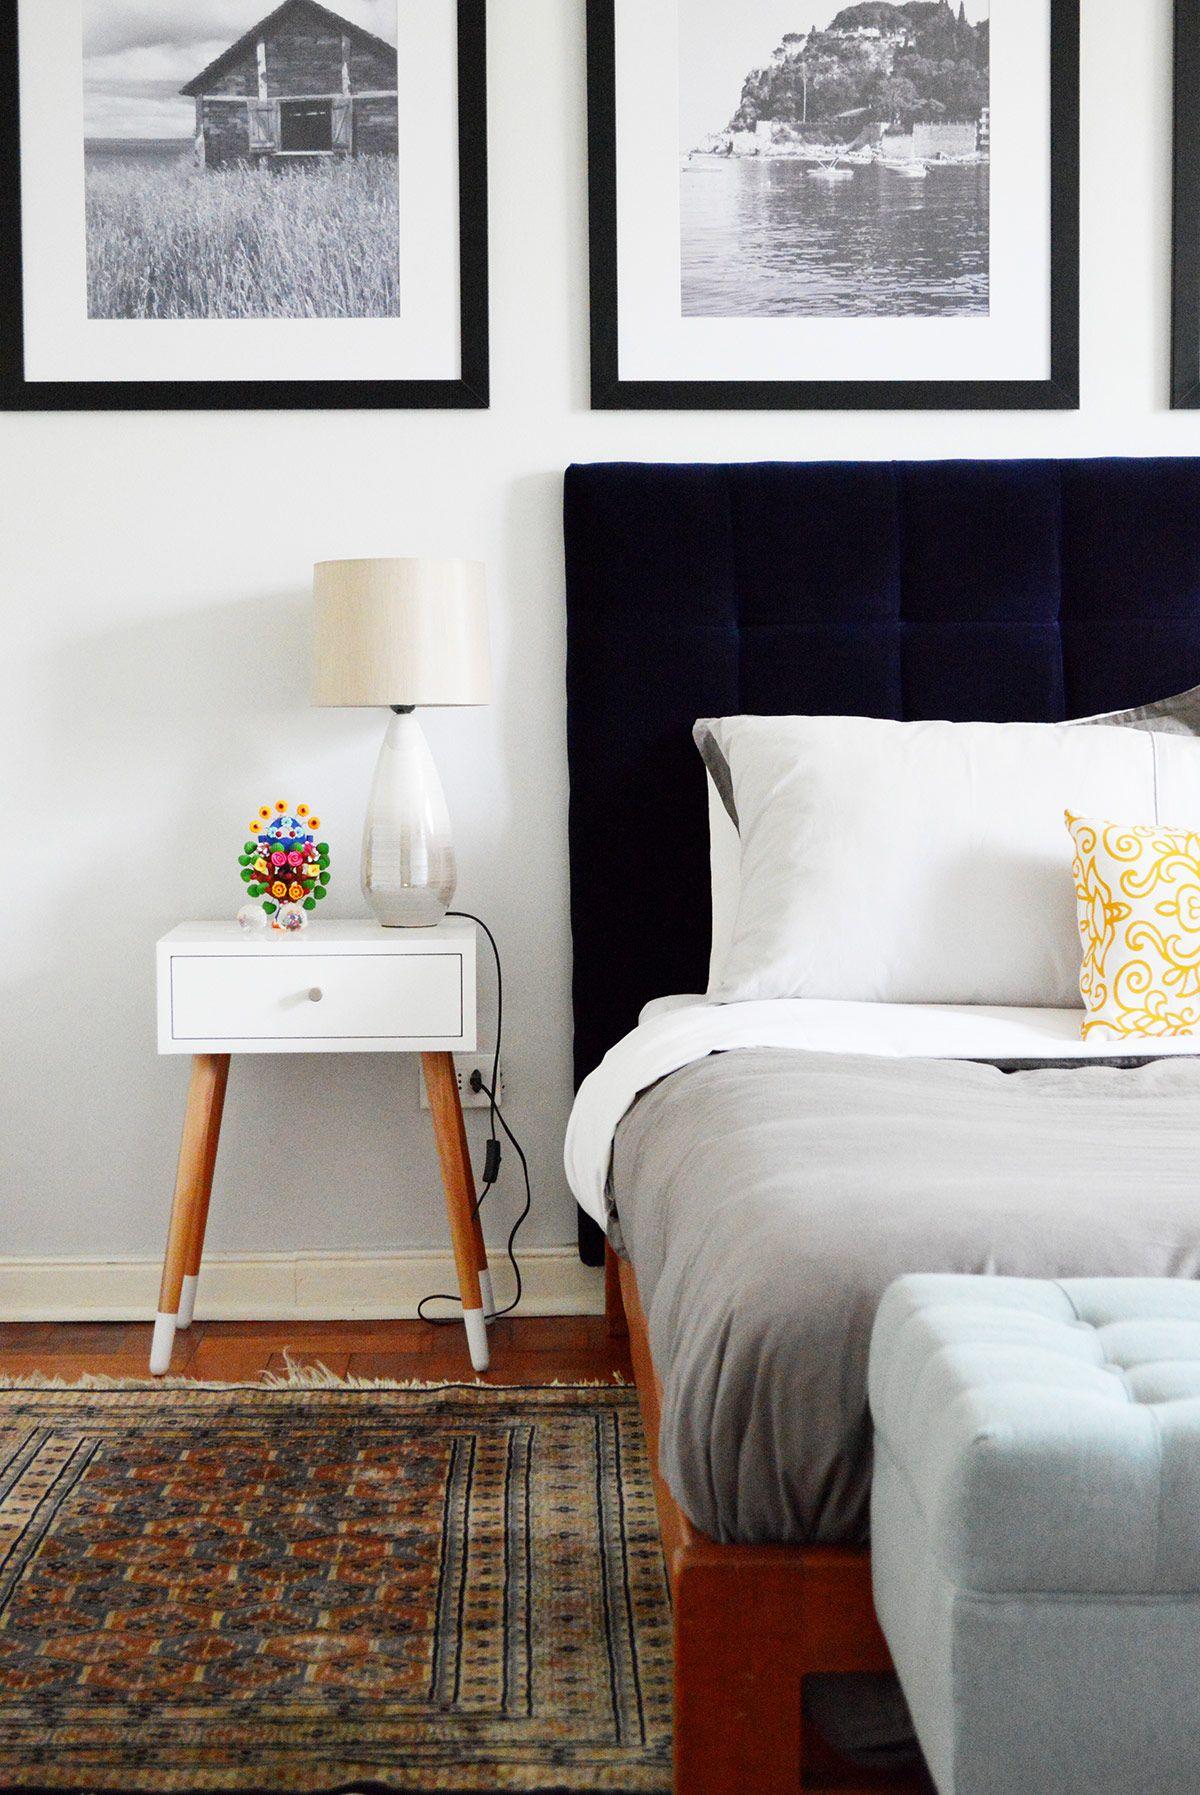 Decoraci³n dormitorio y closet estilo modern chic